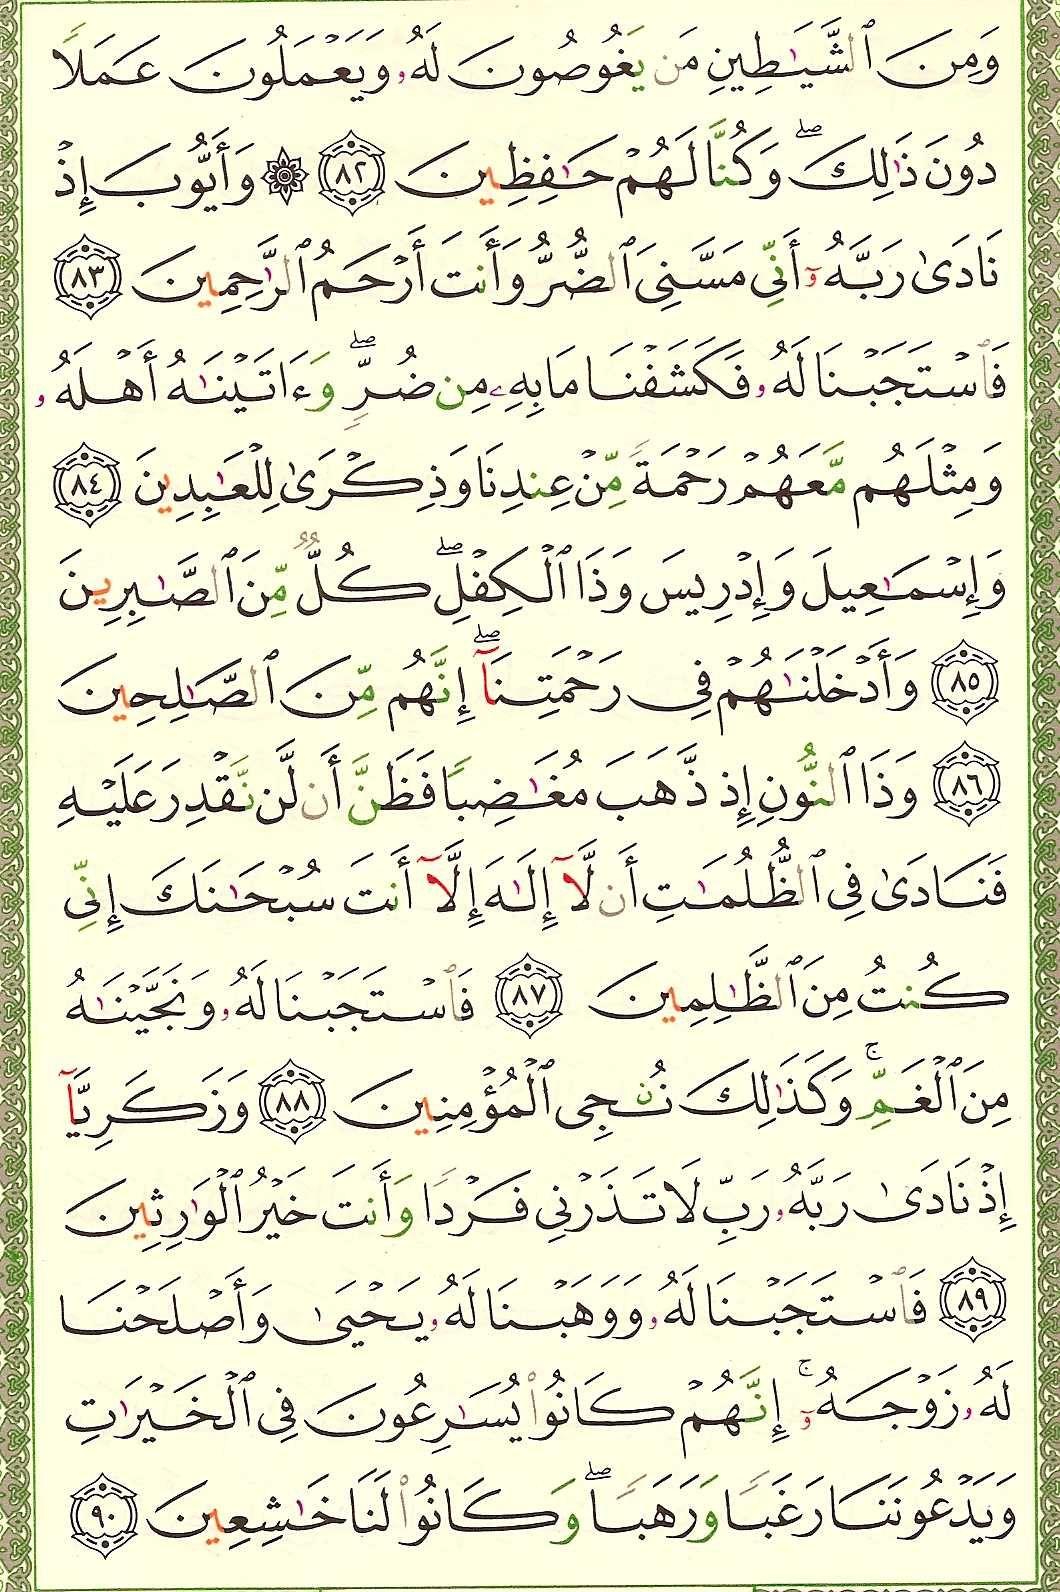 21. سورة الانبياء - Al- Anbiya مصورة من المصحف الشريف 329